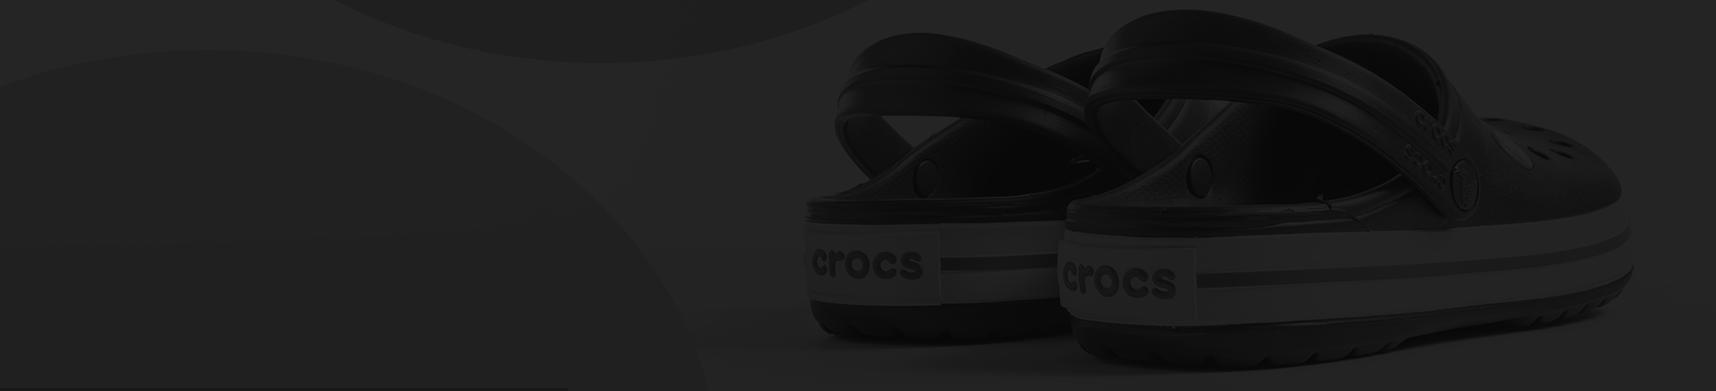 Case-Study-Landing-Page_Crocs_Banner_v1.1